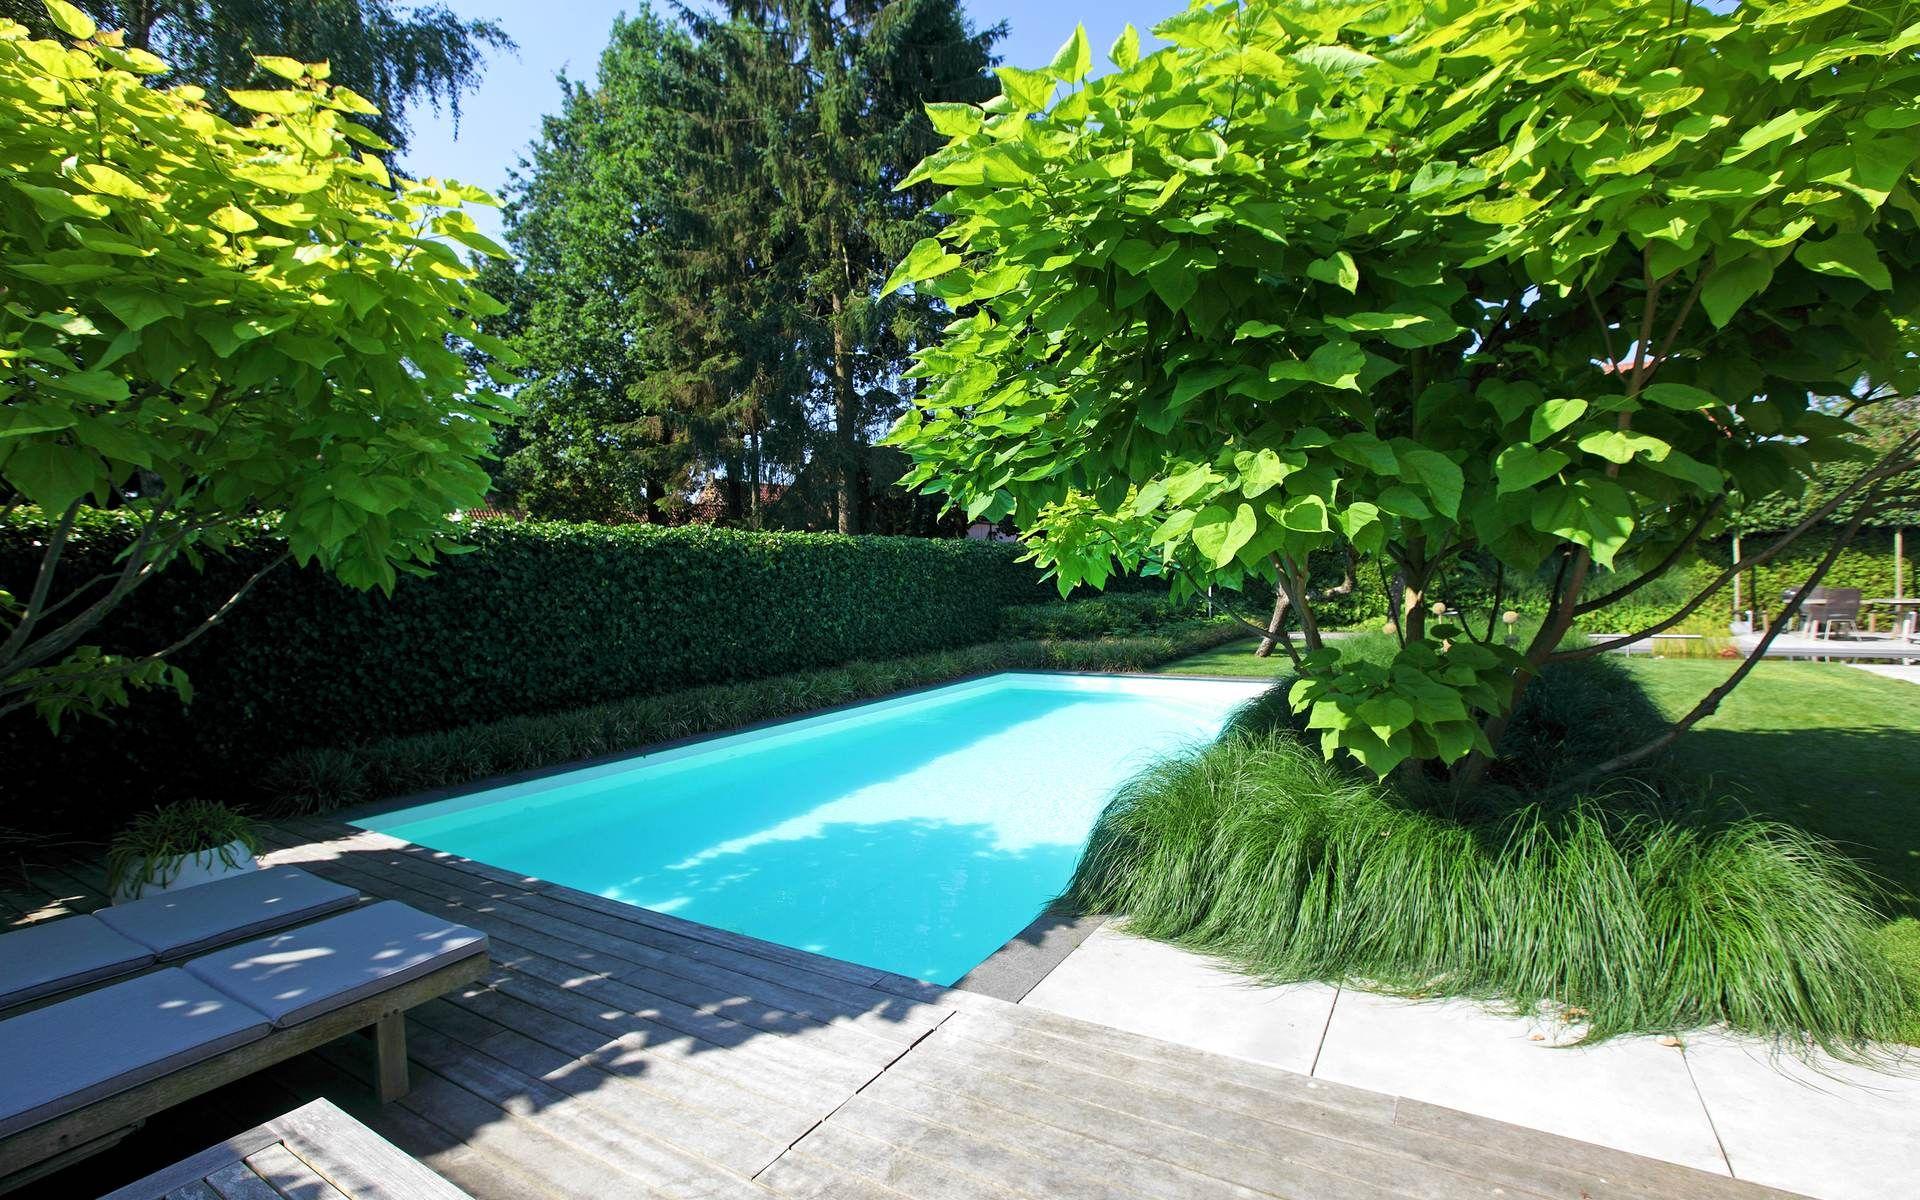 Moderne tuinarchitectuur in luxe tuin stoop tuinen tuin ideeën